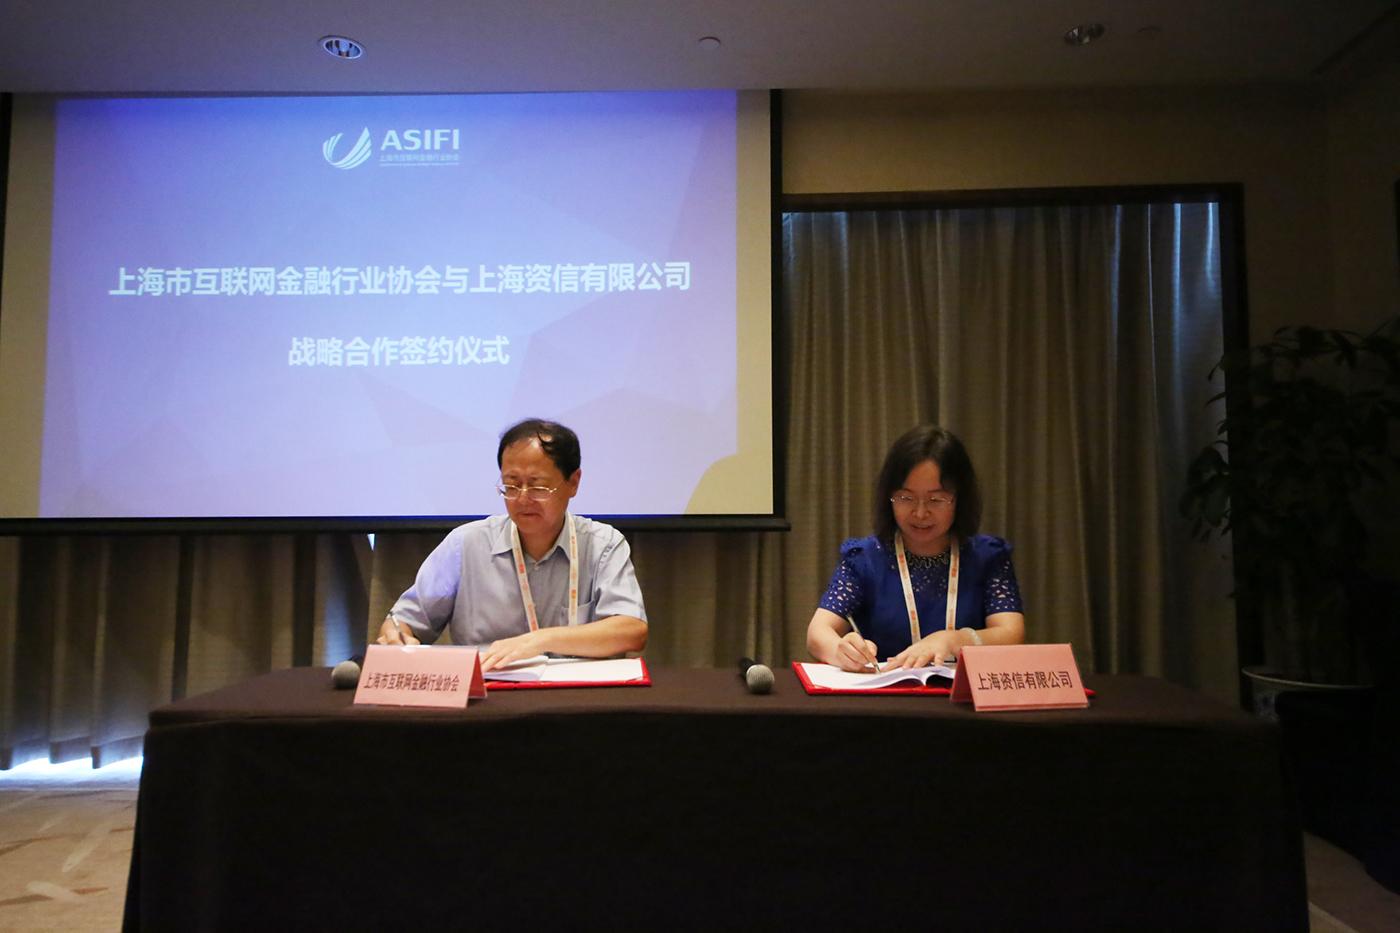 上海互金协会发布《大数据风控行业实践研究报告》